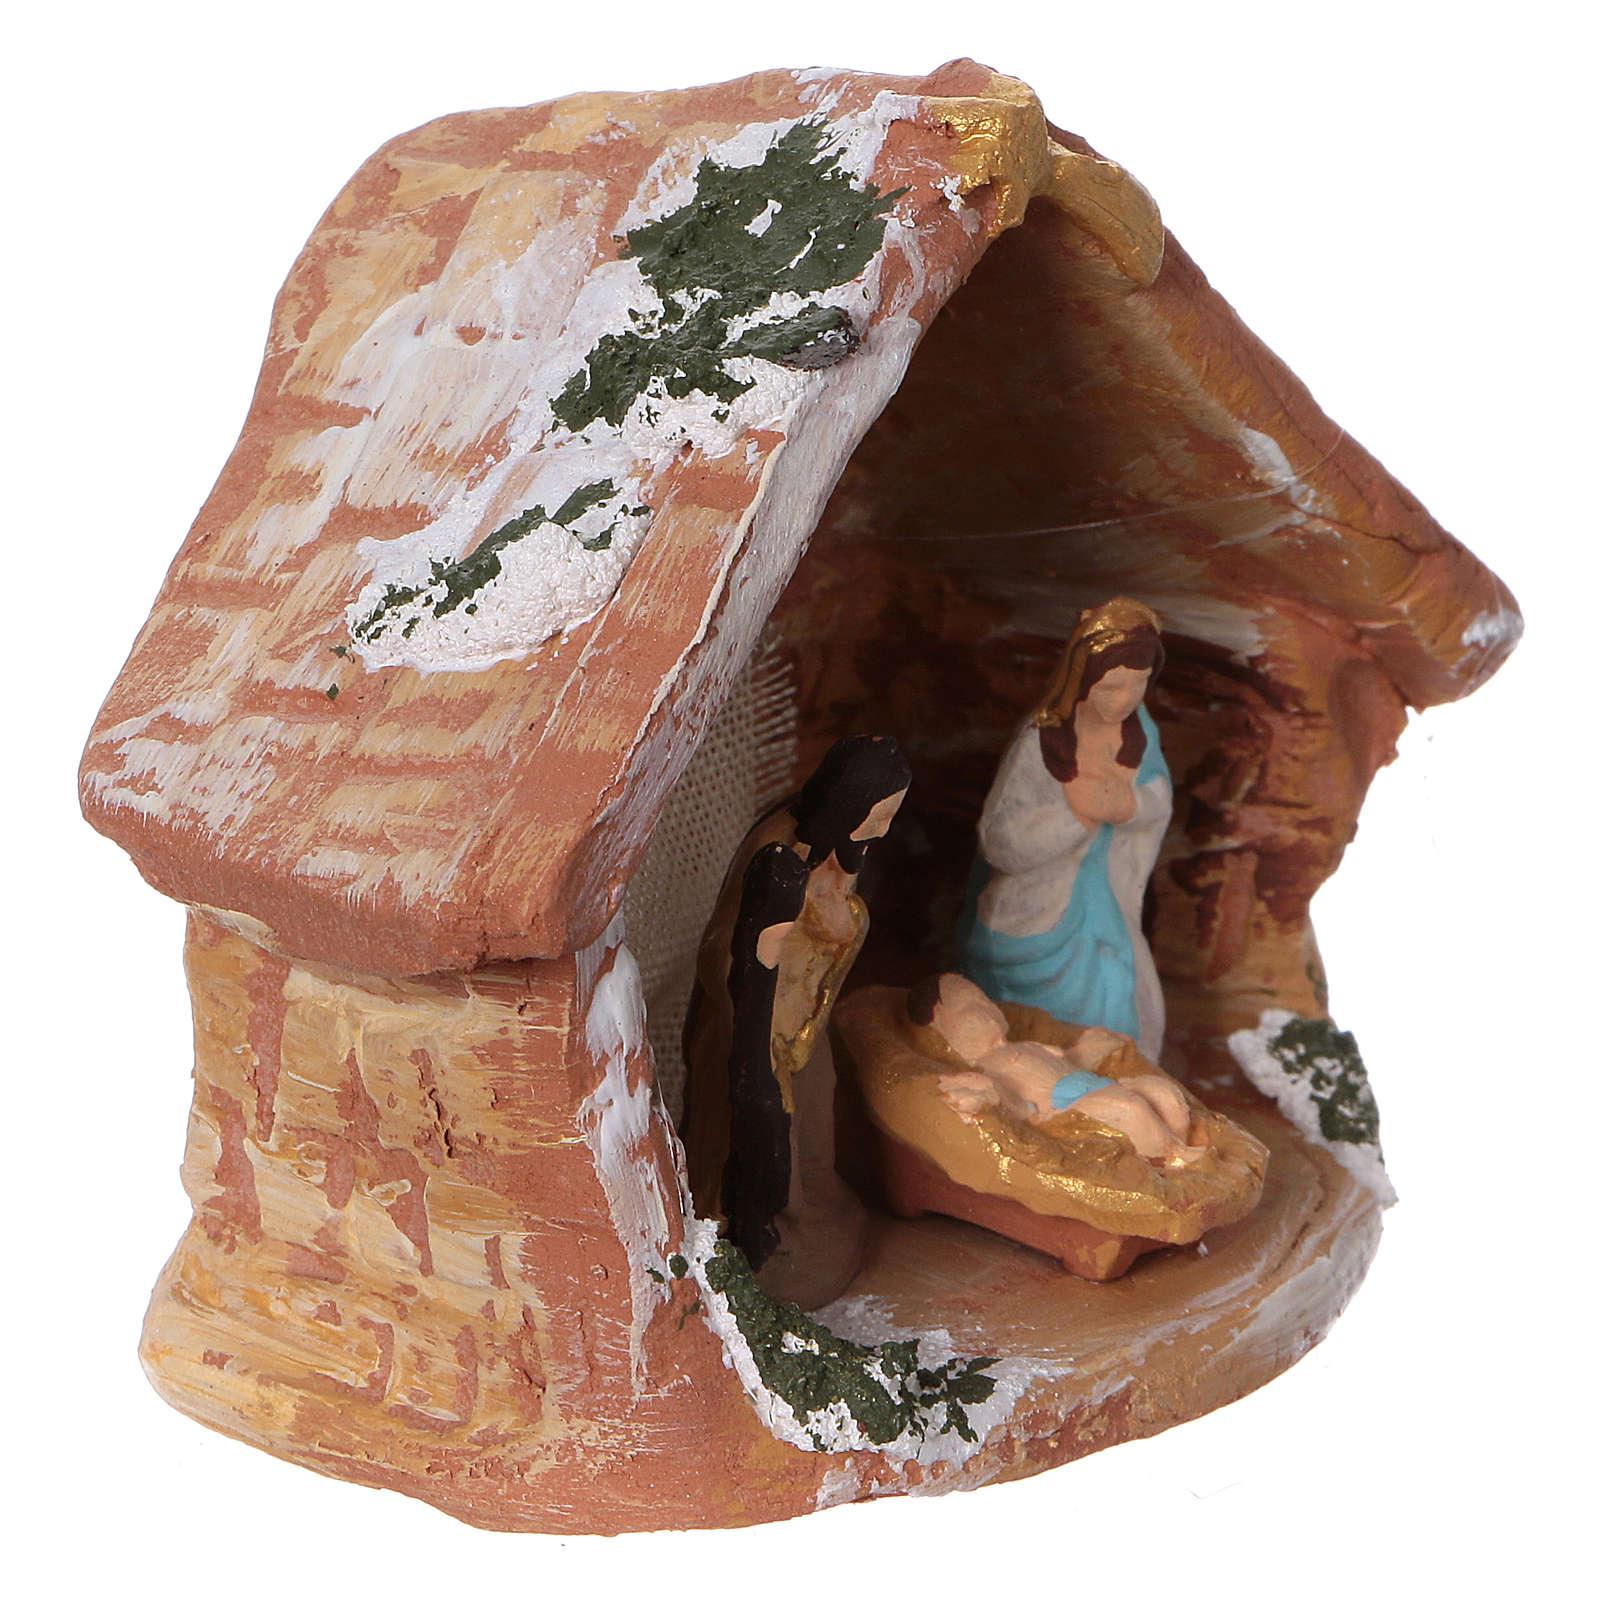 Cabaña con Natividad de terracota coloreada con belén 4 cm Deruta 4